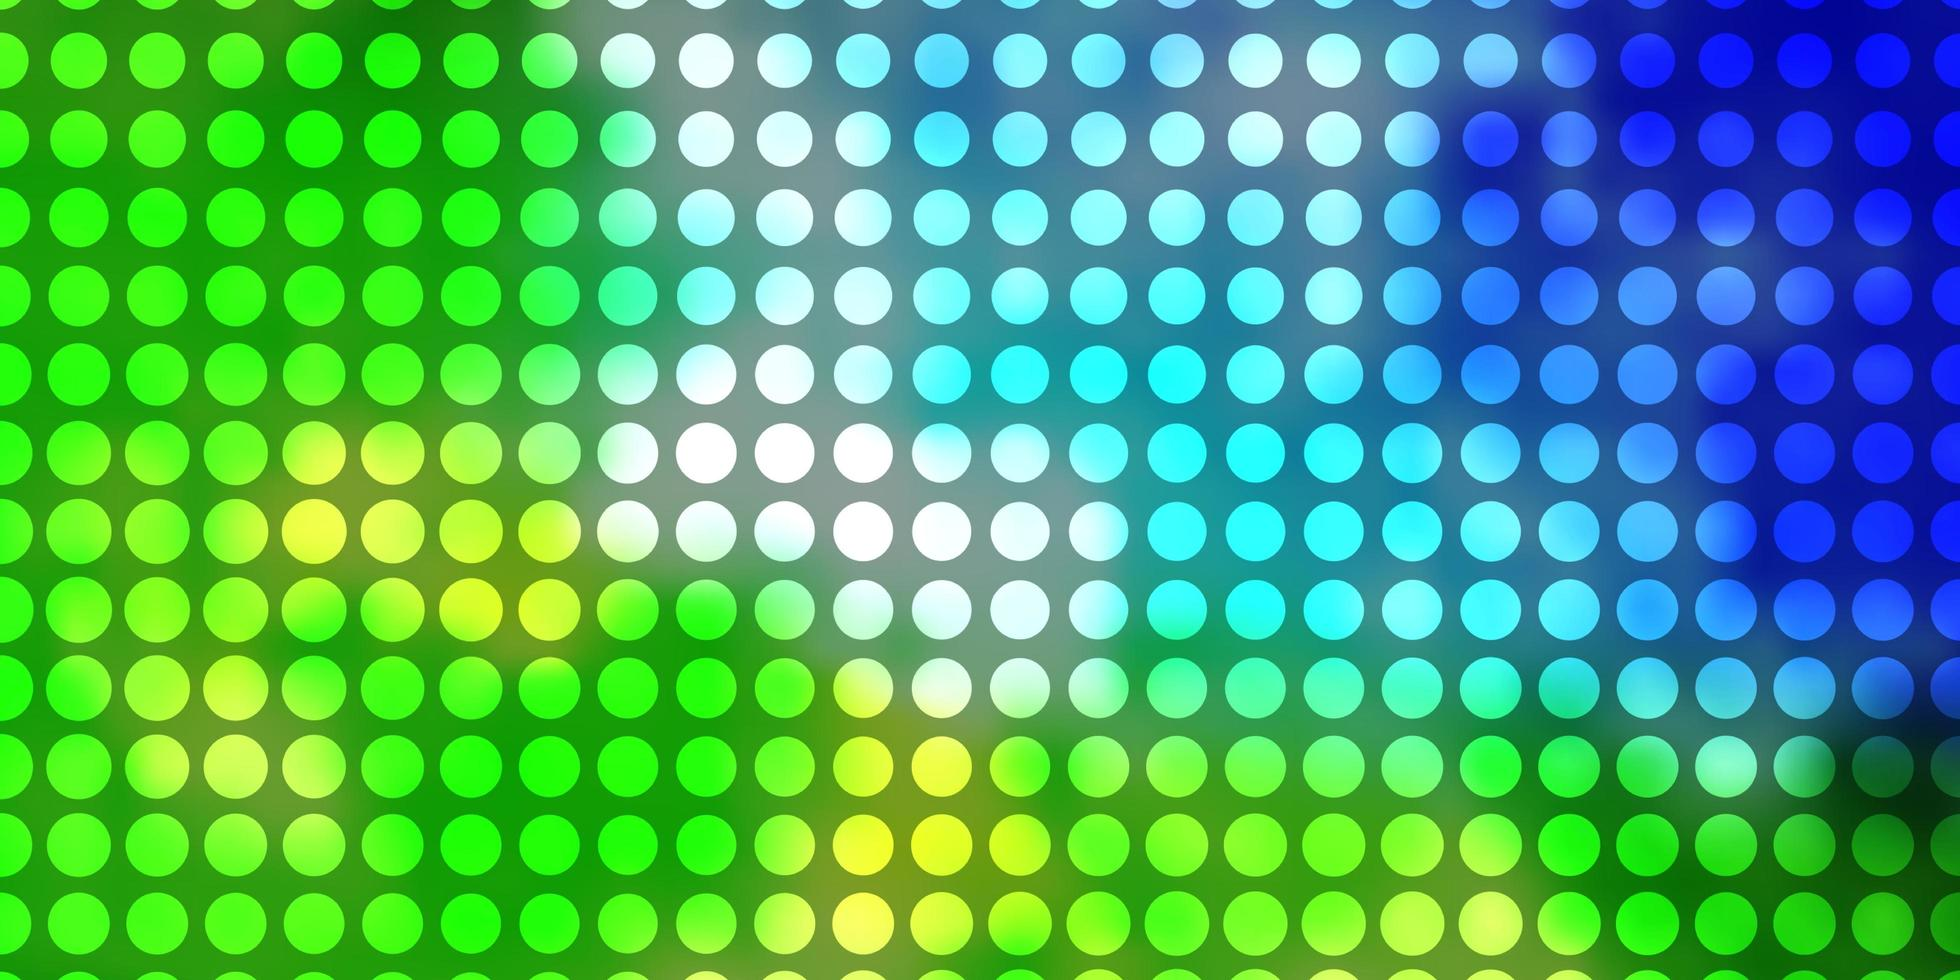 modèle vectoriel bleu clair et vert avec des cercles.